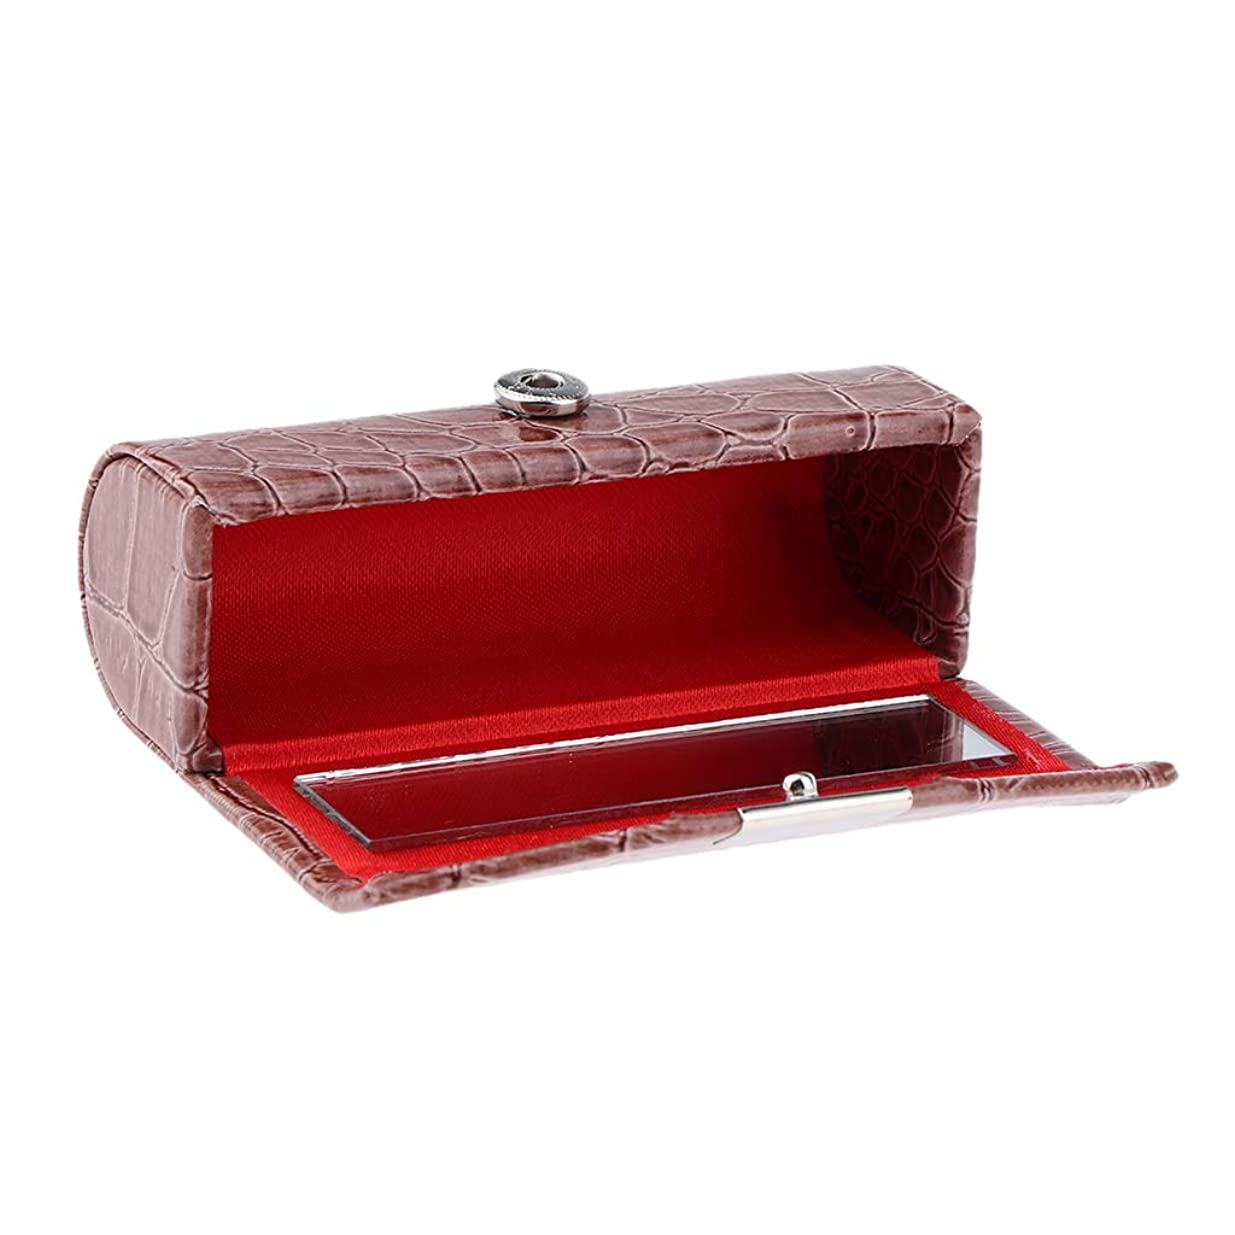 のホスト数字アイドルB Blesiya 口紅ケース コインケース 小物入り 収納ケース リップスティック 多色選べ - 褐色